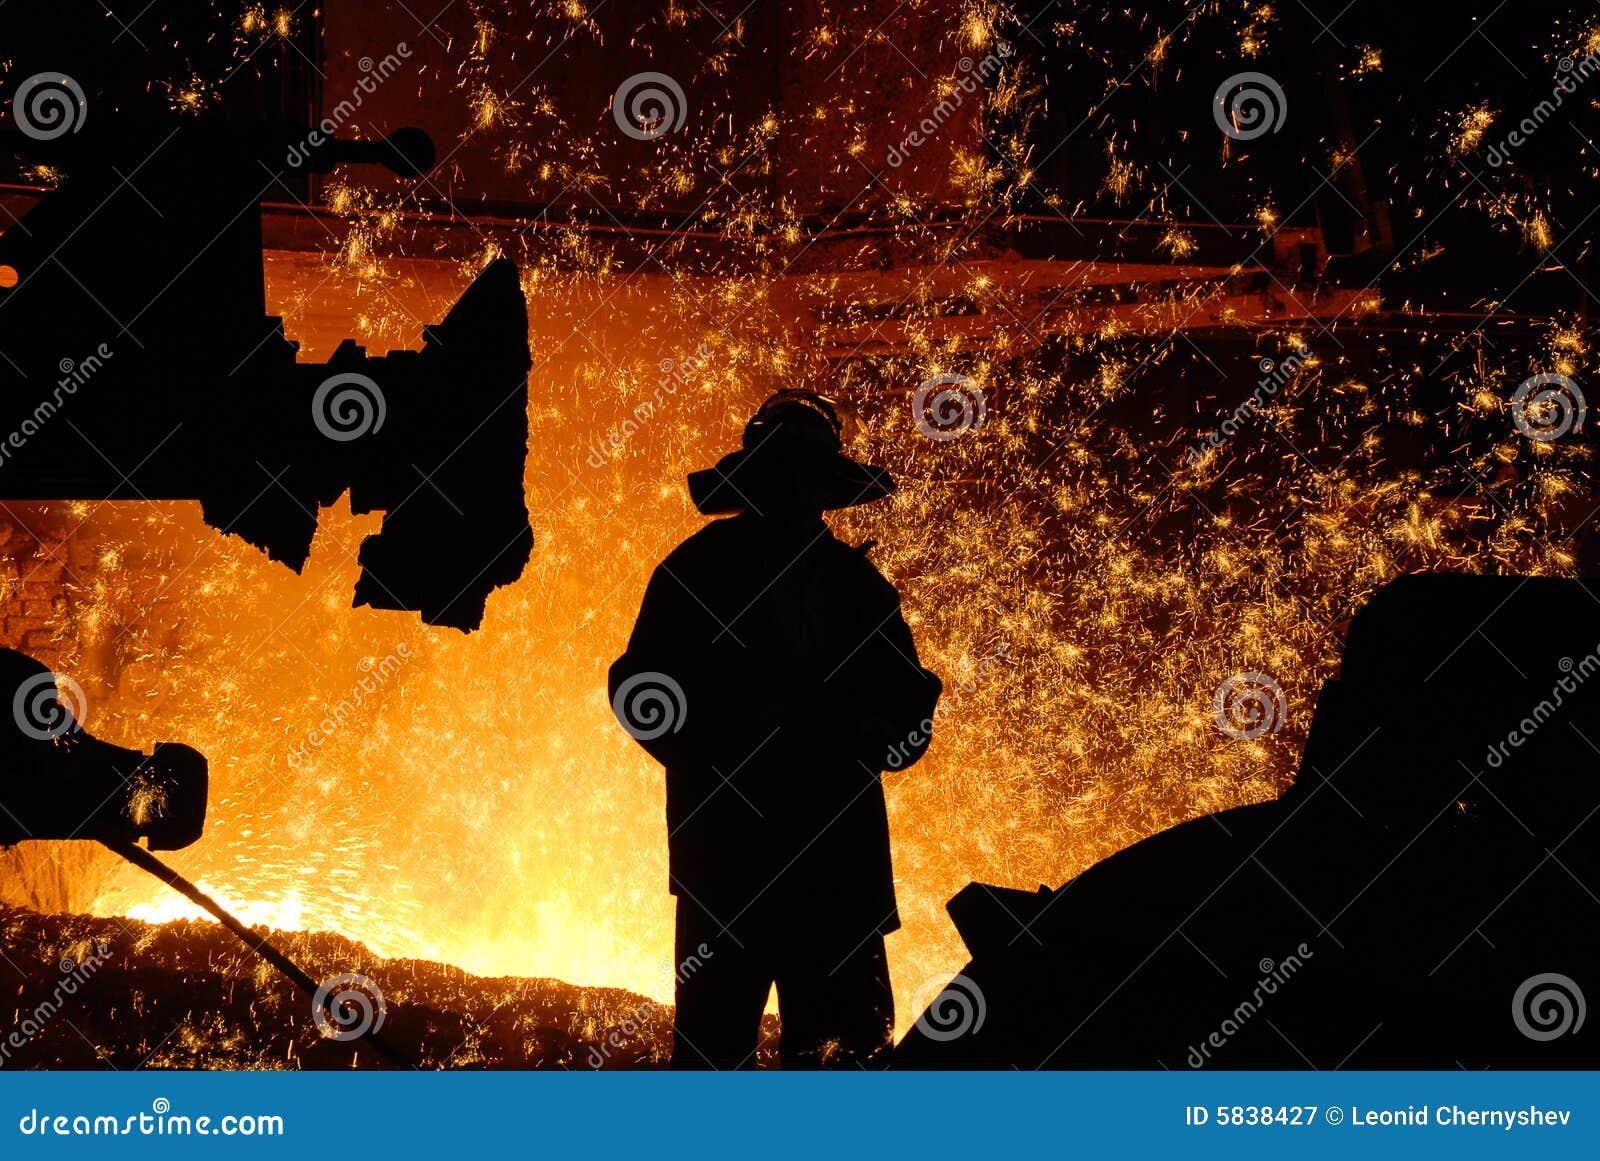 Silueta del trabajador siderúrgico